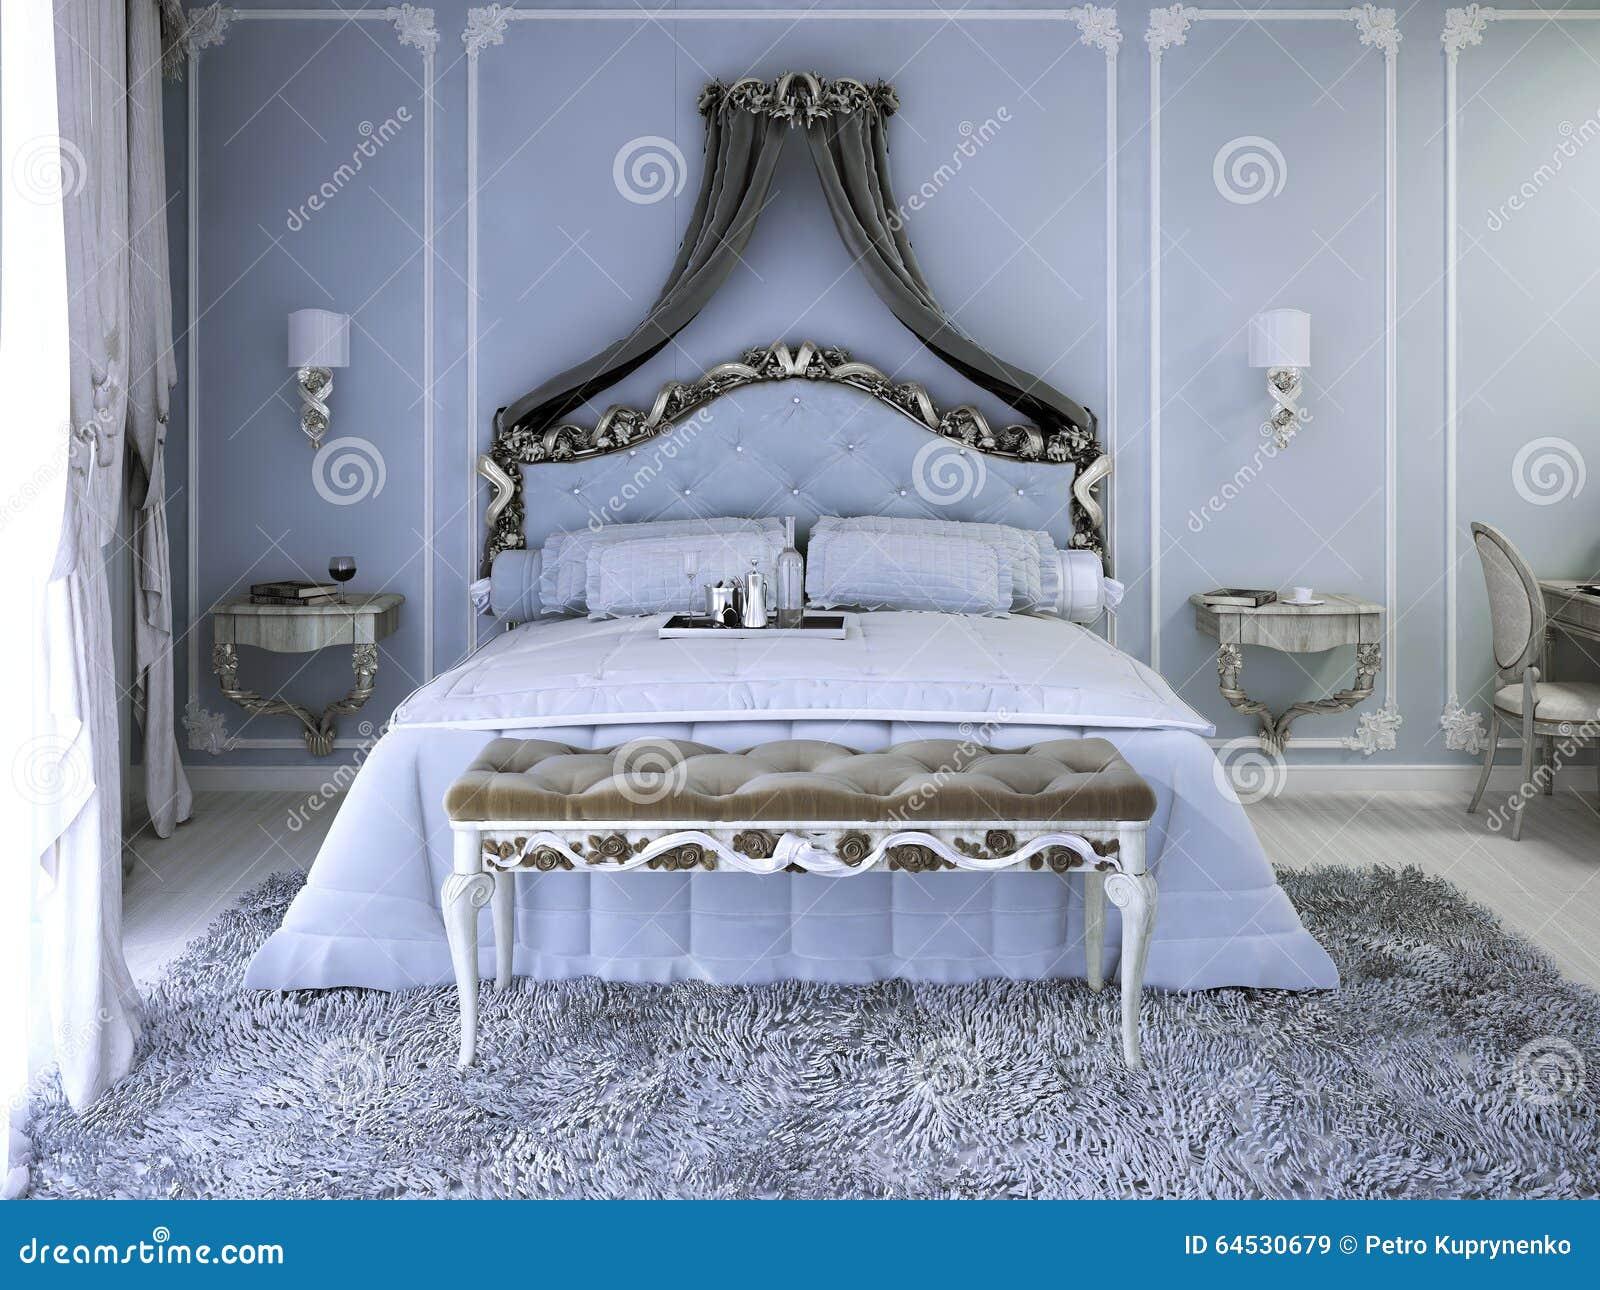 Letto Matrimoniale Con La Tenda Immagine Stock - Immagine di ...